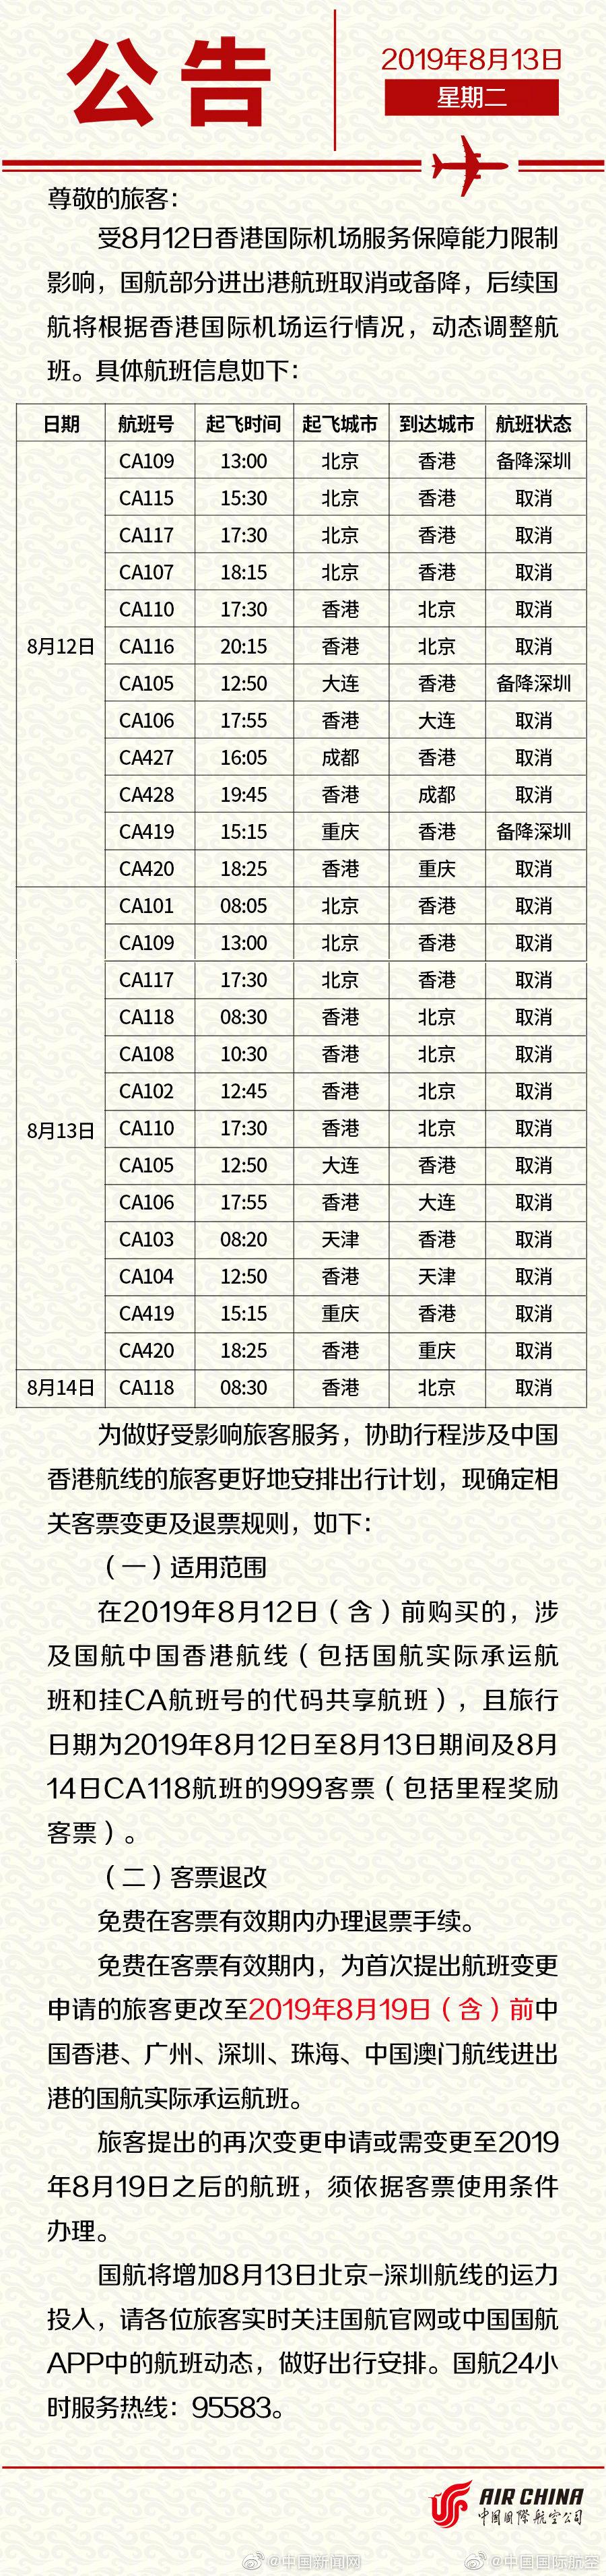 六航企公布香港机票处置方案:免费退改签